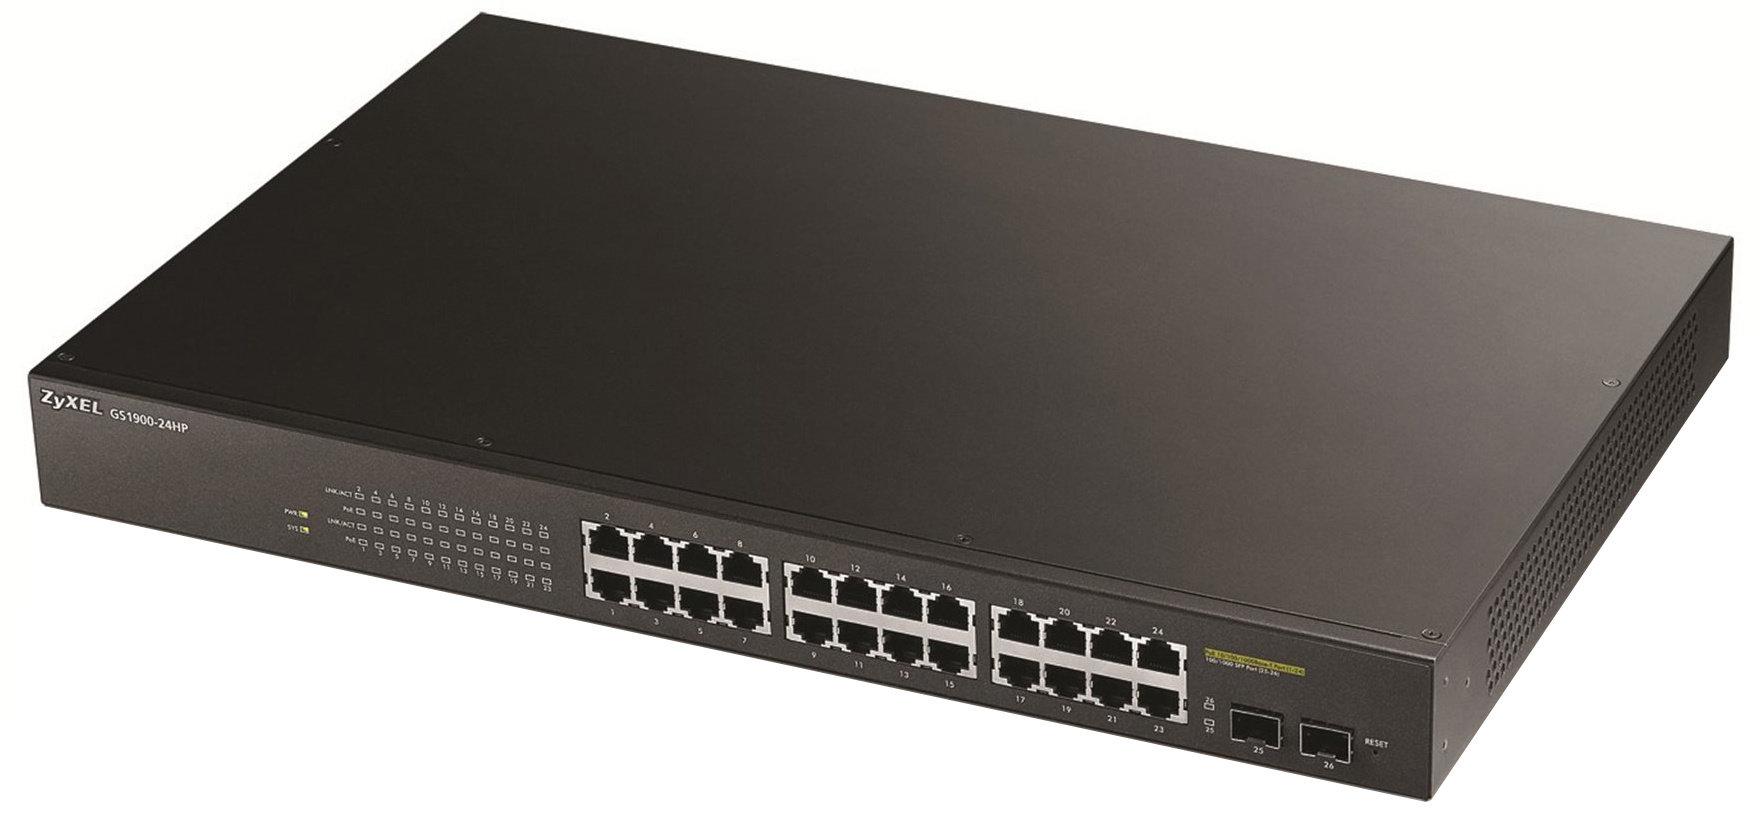 Zyxel GS1900-24, 24-port GbE L2